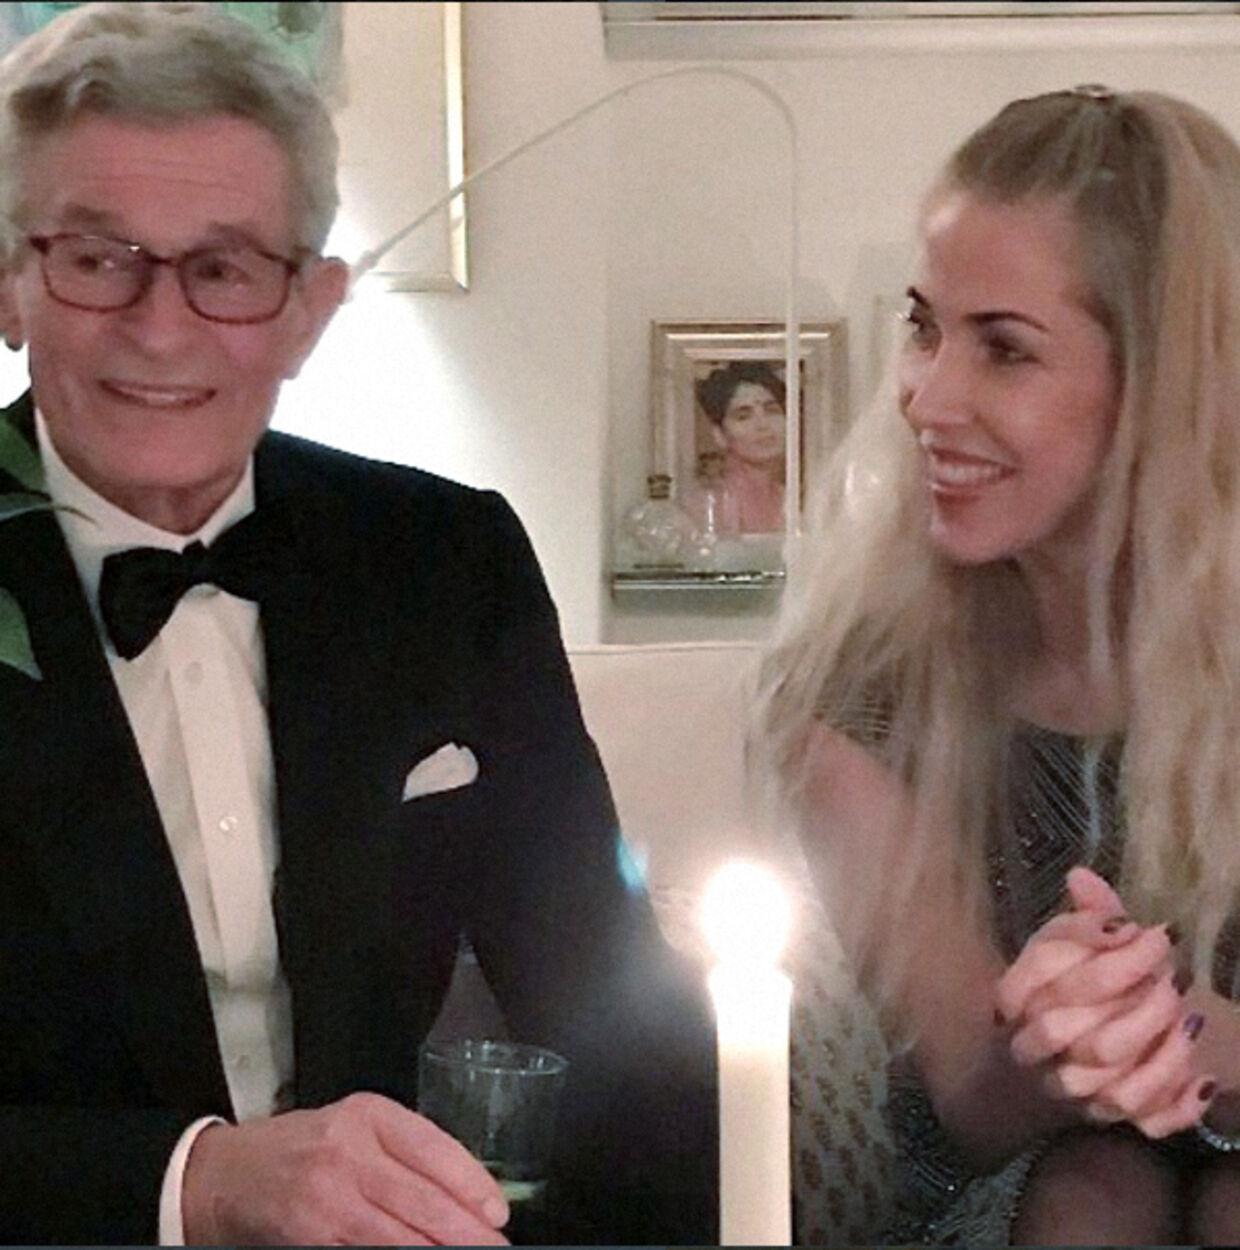 Peter og Henriette Zobel bevarede kontakten trods deres skilsmisse og talte dagligt sammen. Her ses de i et privat øjeblik.